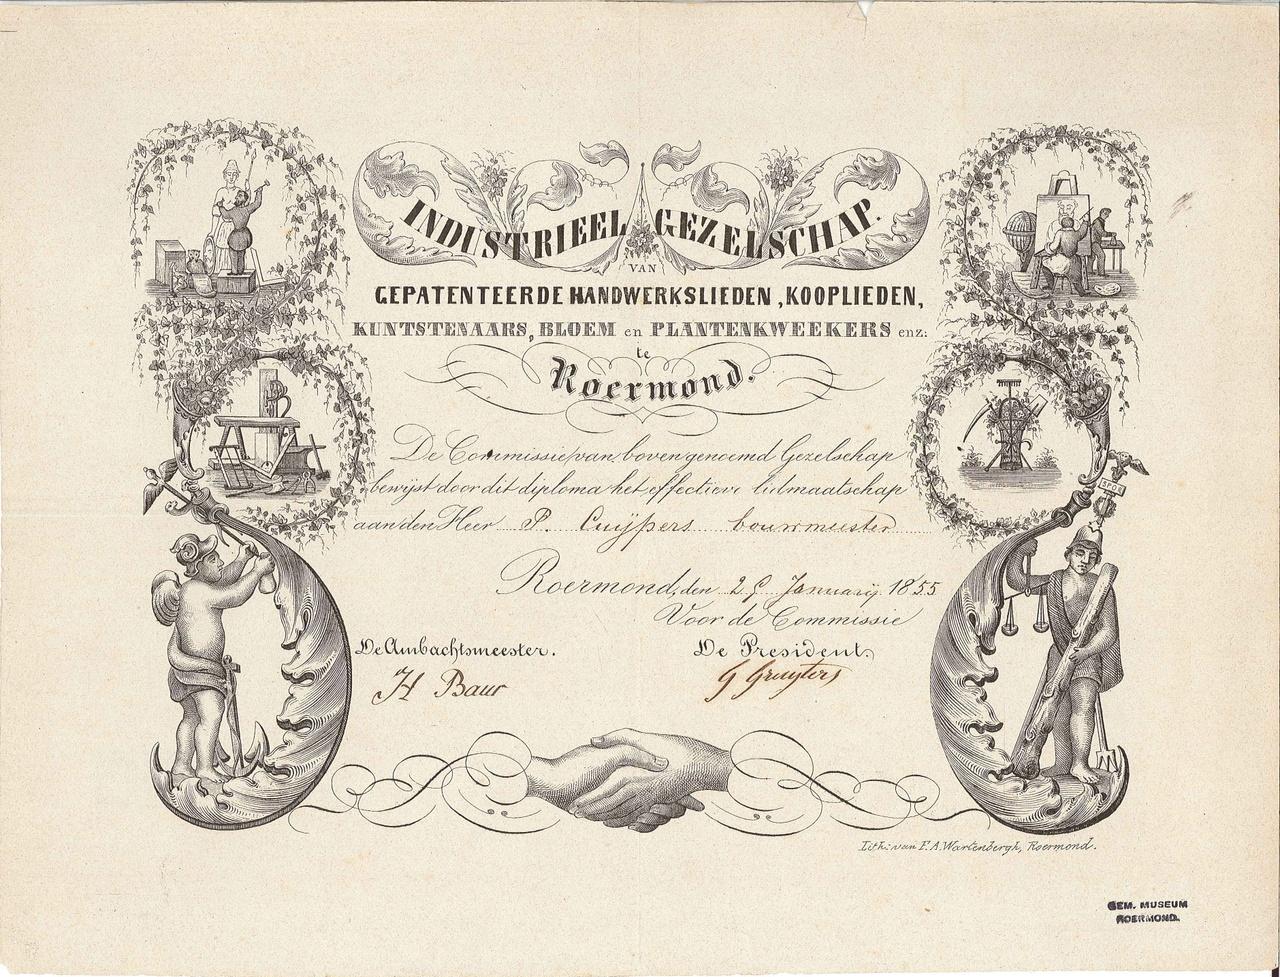 Lidmaatschap van het Industrieel Gezelschap Roermond aan P.J.H. Cuypers